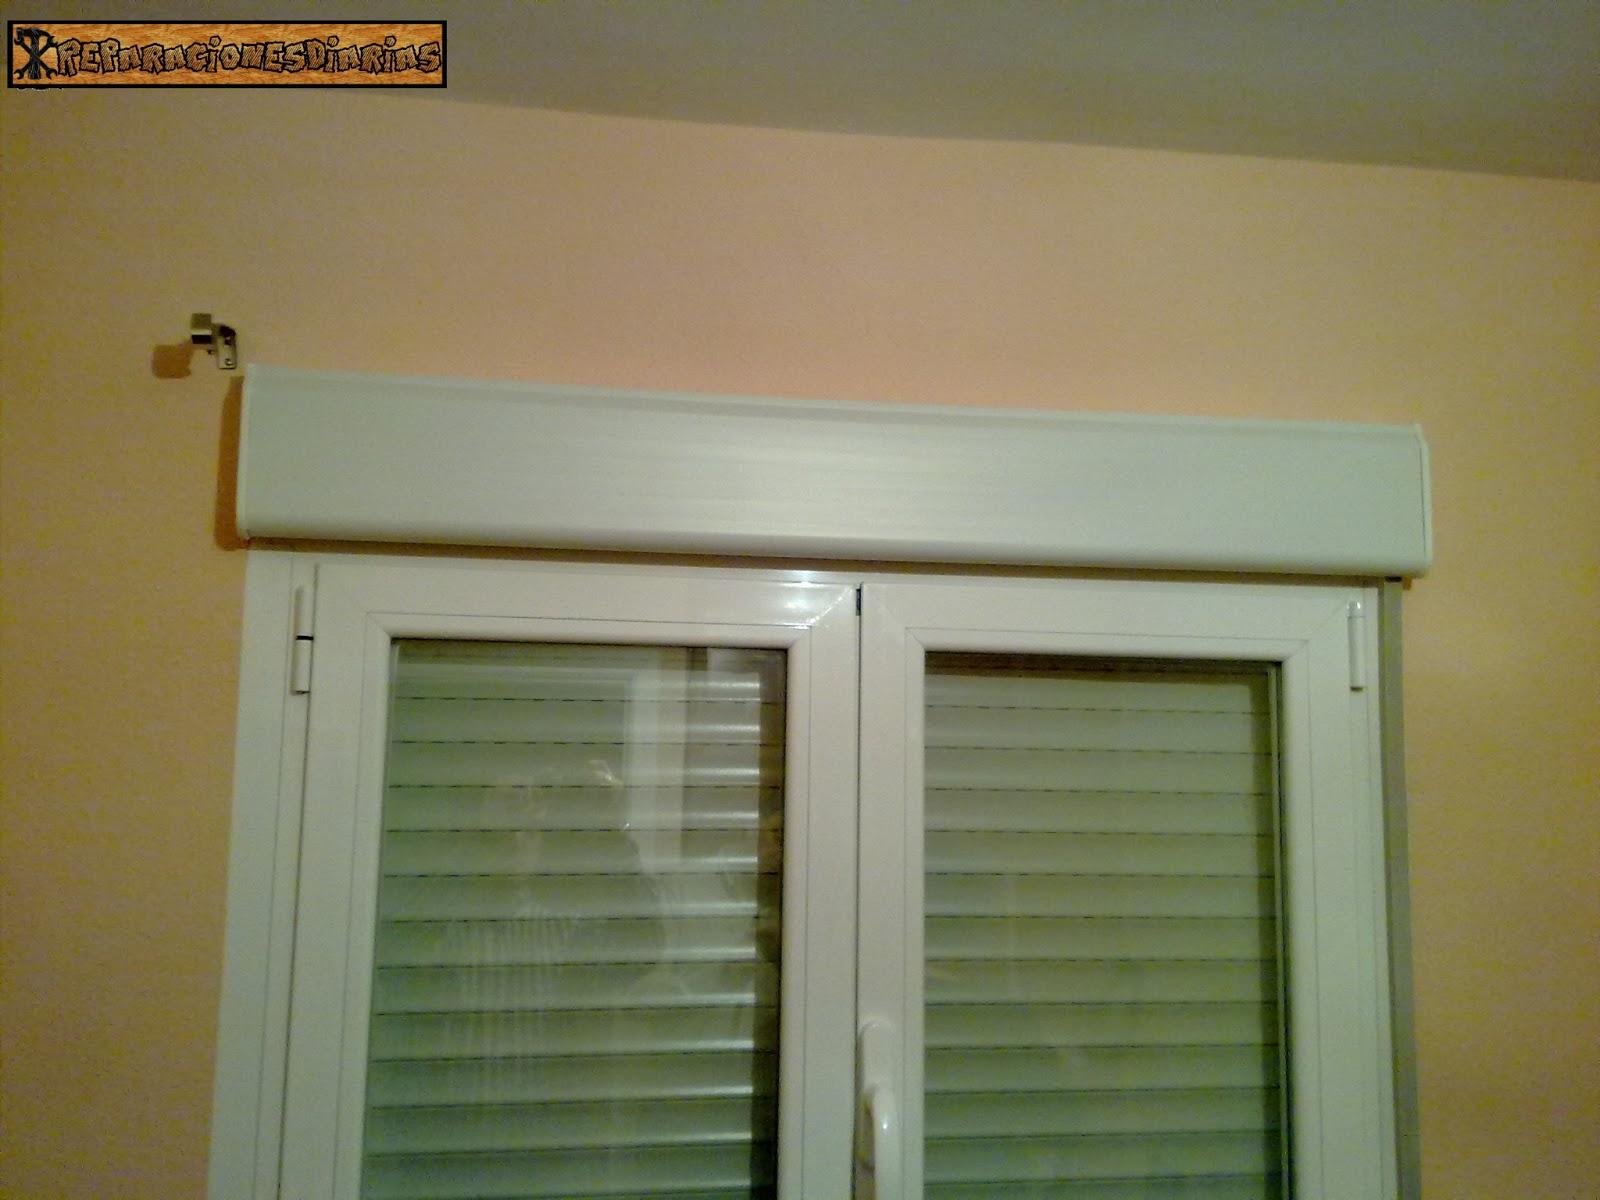 Reparacionesdiarias como colocar barras de cortinas - Barras de cortina baratas ...